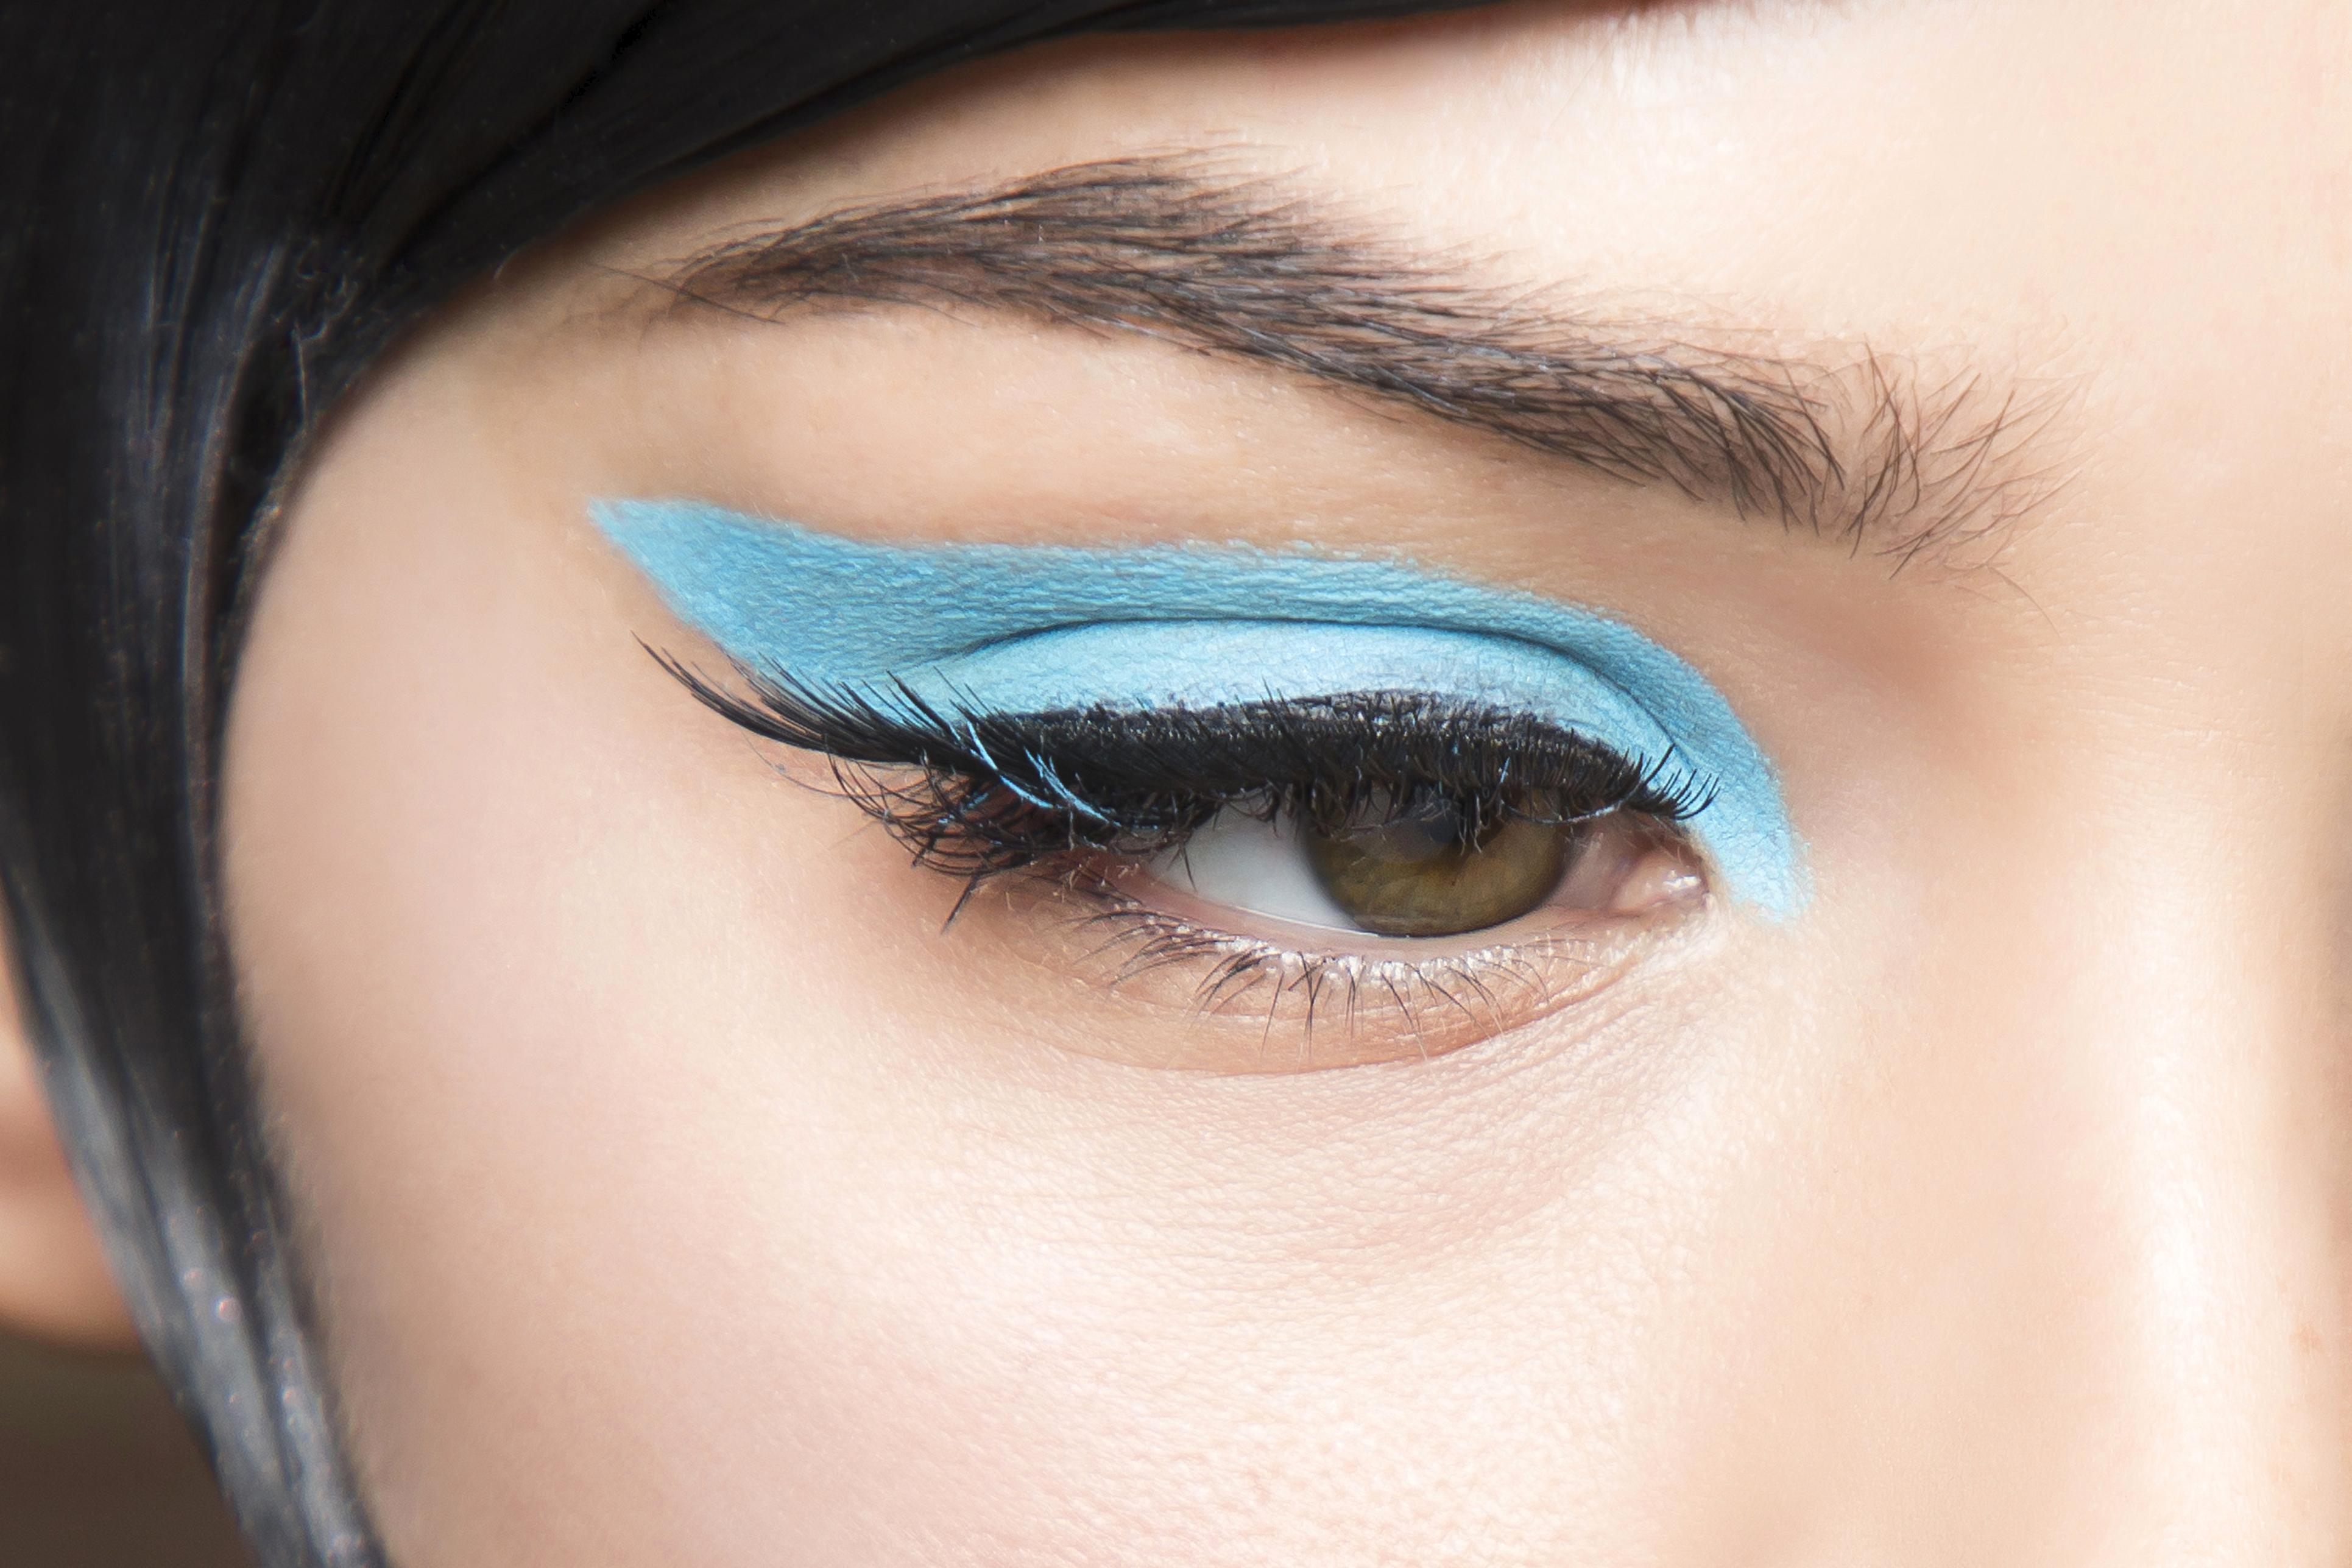 Beauté: cet automne, on ose le make-up ultra vif